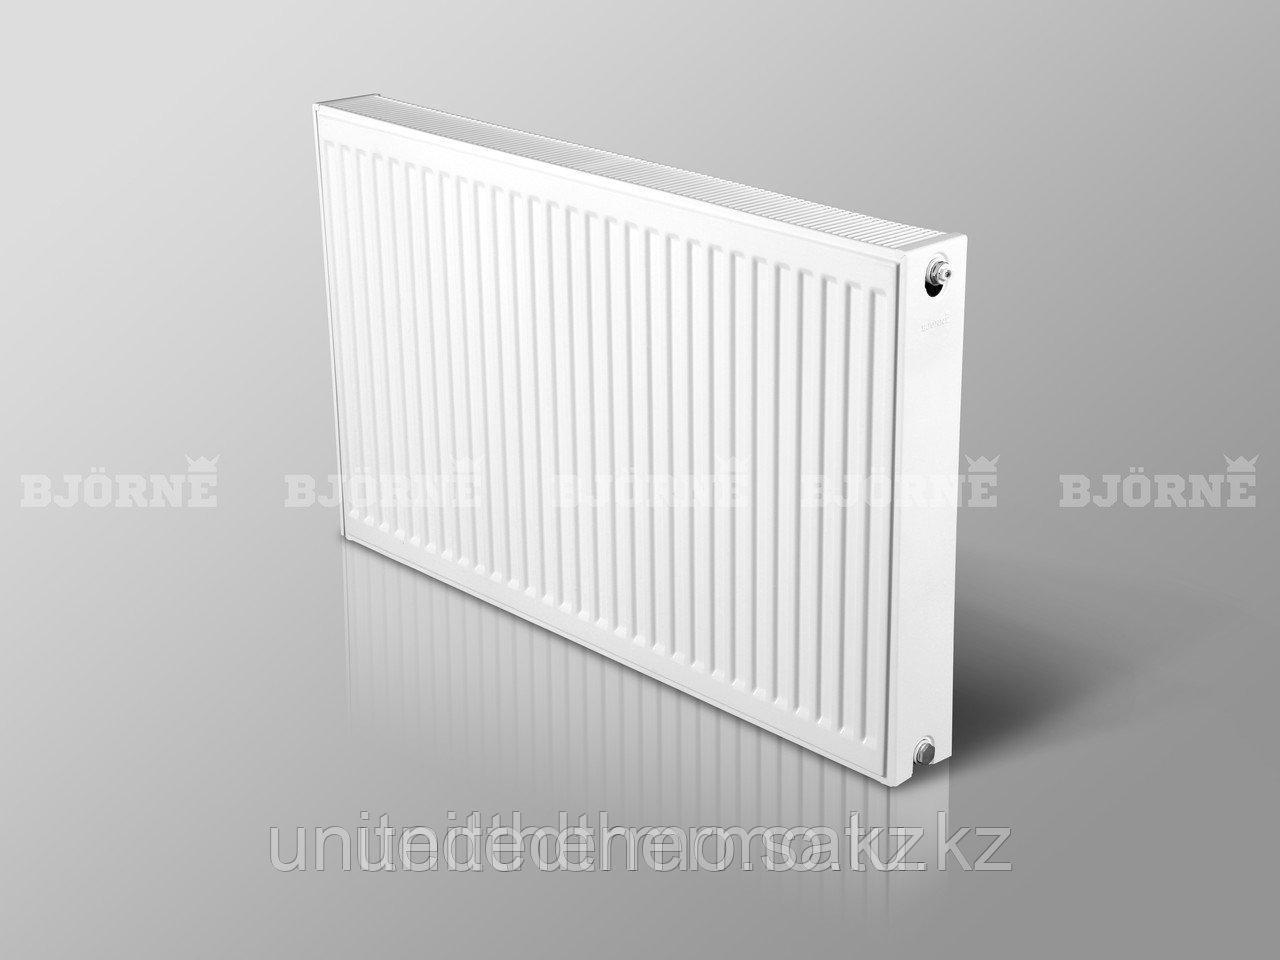 Стальной панельный радиатор Bjorne тип 22K H300мм*L1400мм боковое подключение